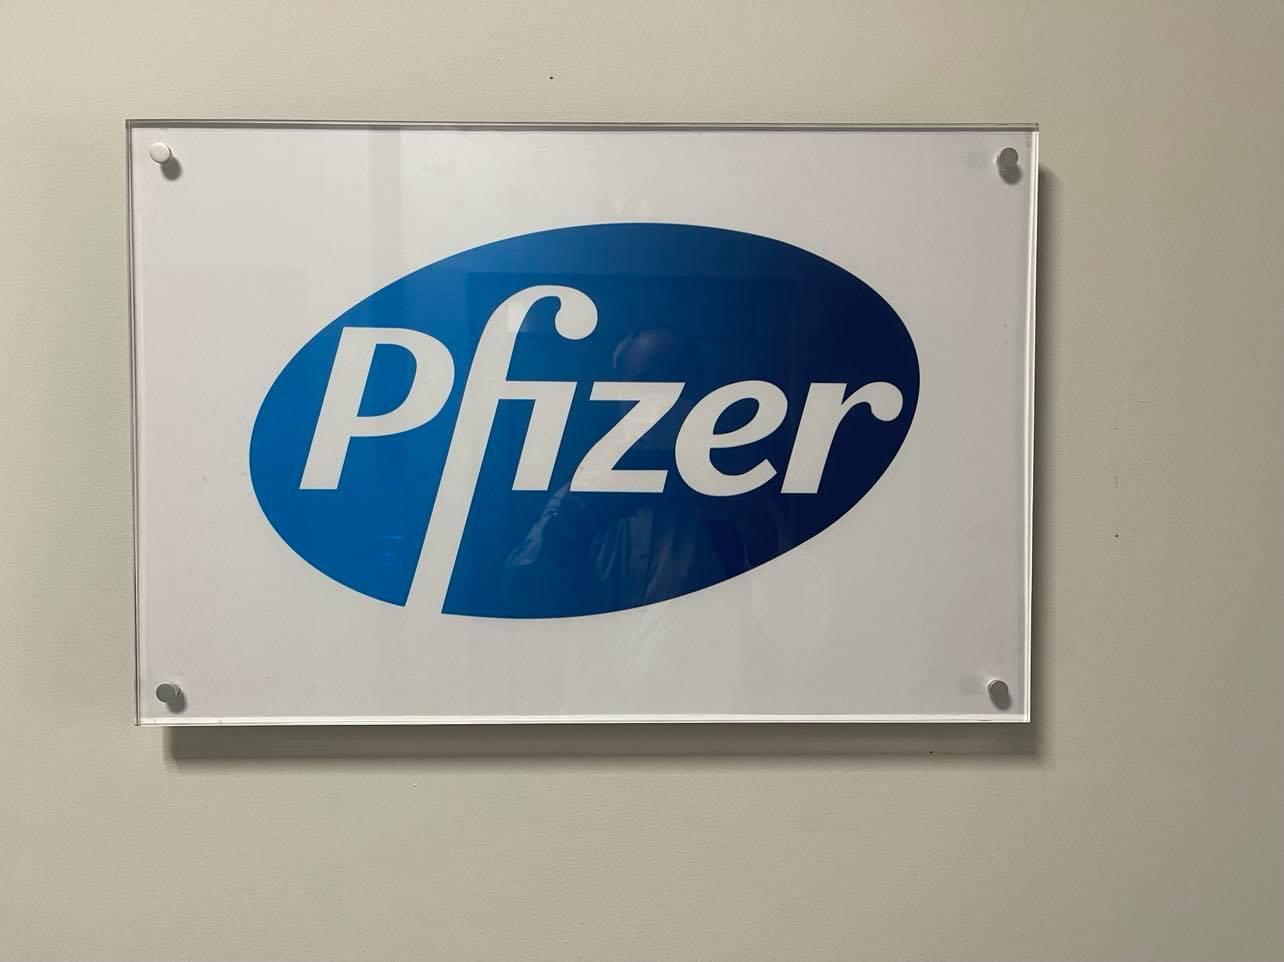 pfizer γραφεία Θεσσαλονίκη